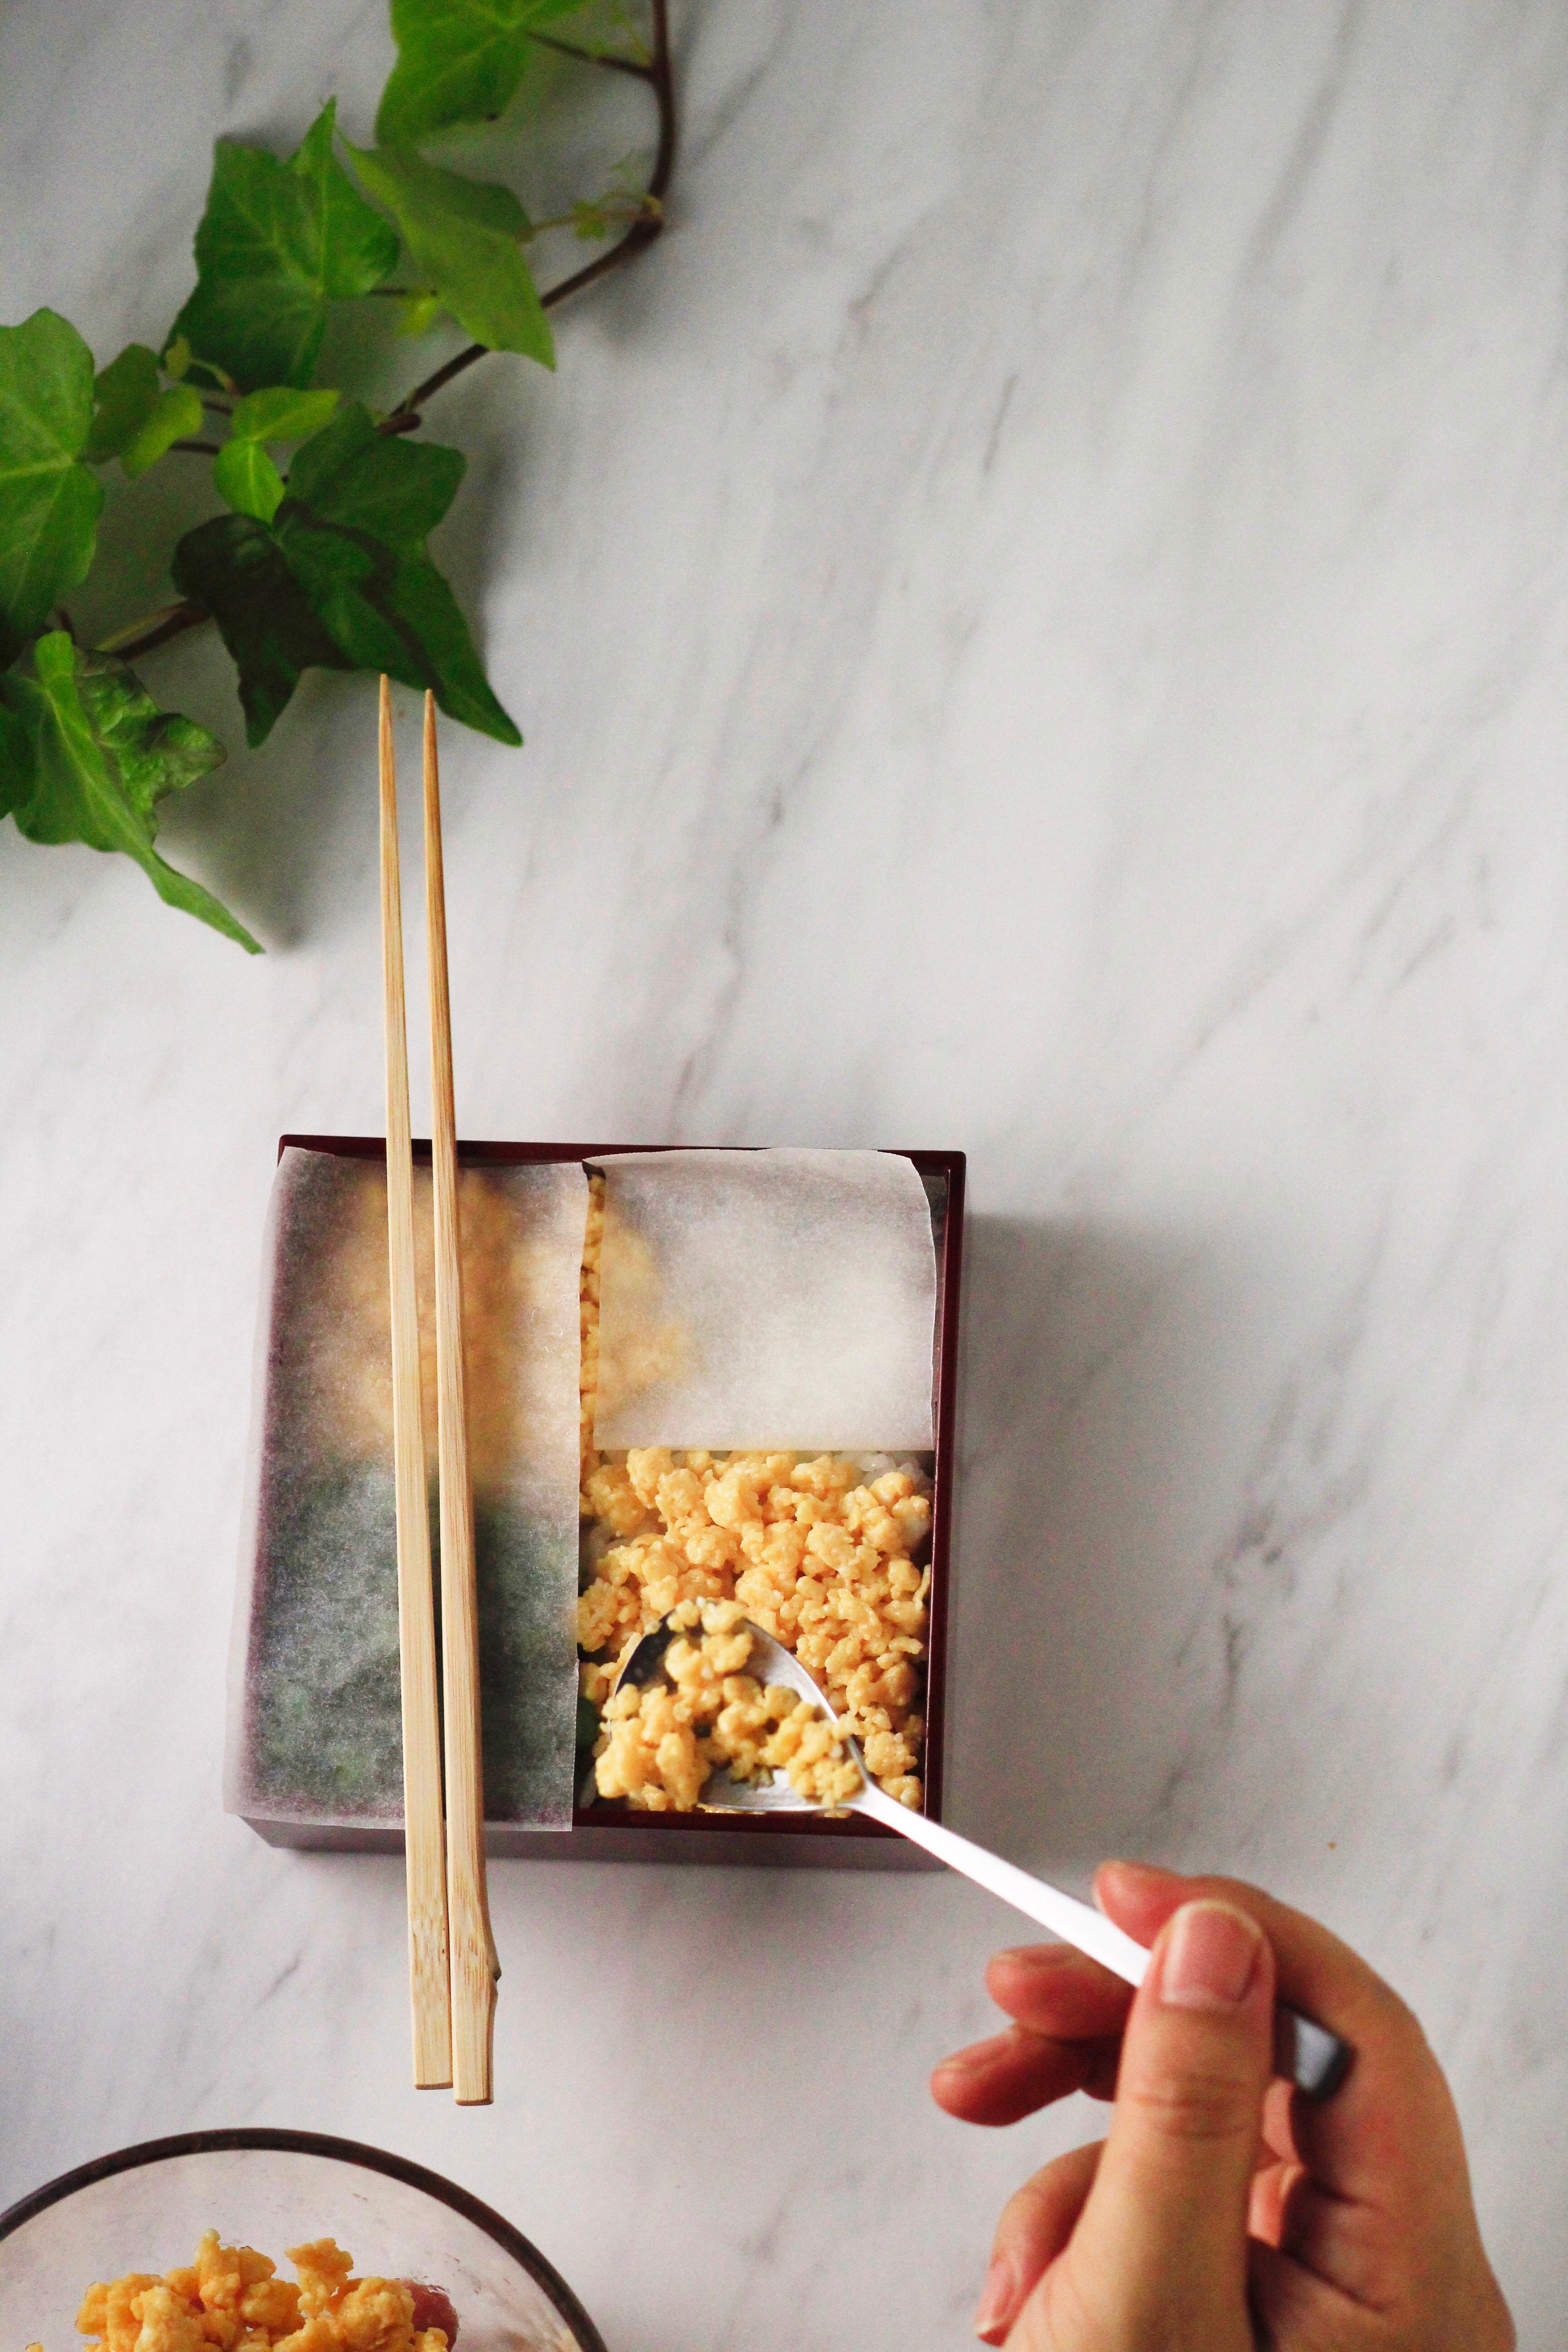 そぼろ弁当盛り付け⑧盛り付ける時にシートがめくれてしまう場合は、お箸などで抑えて